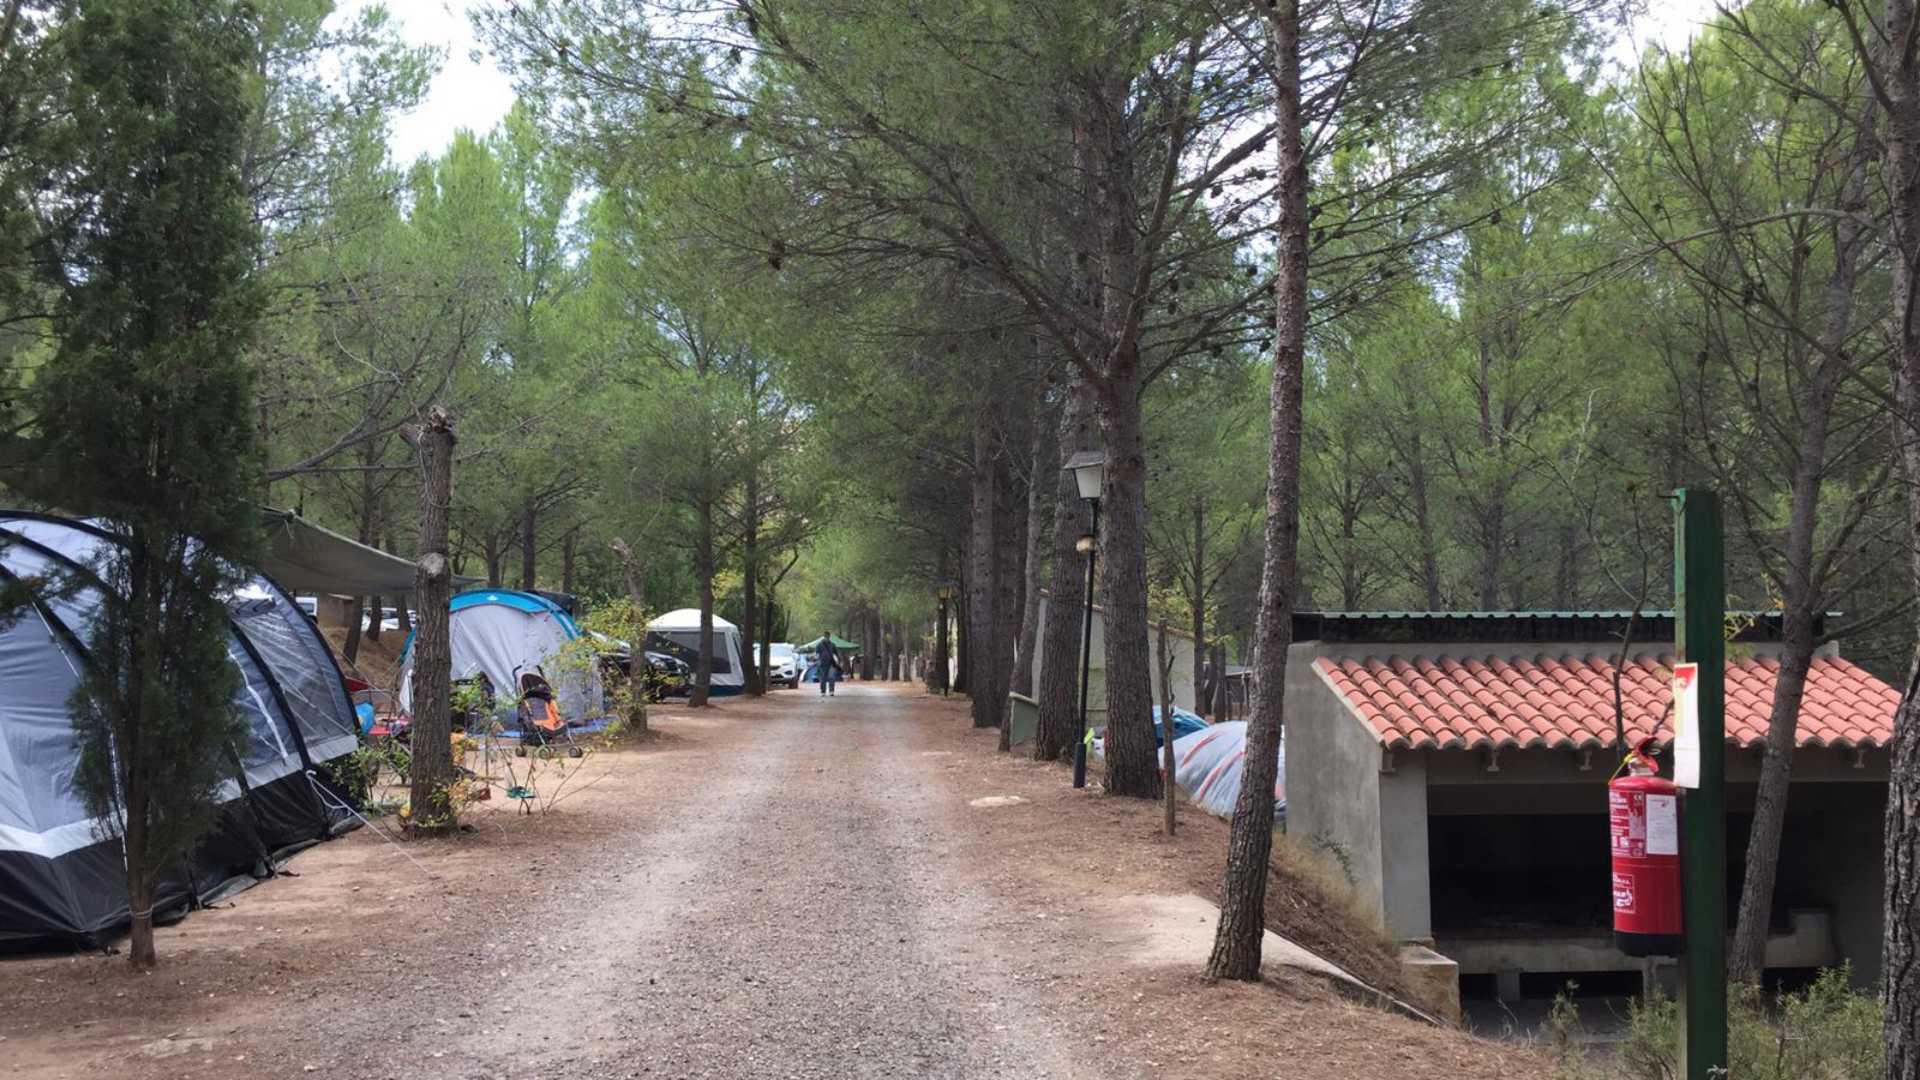 villa de viver camping